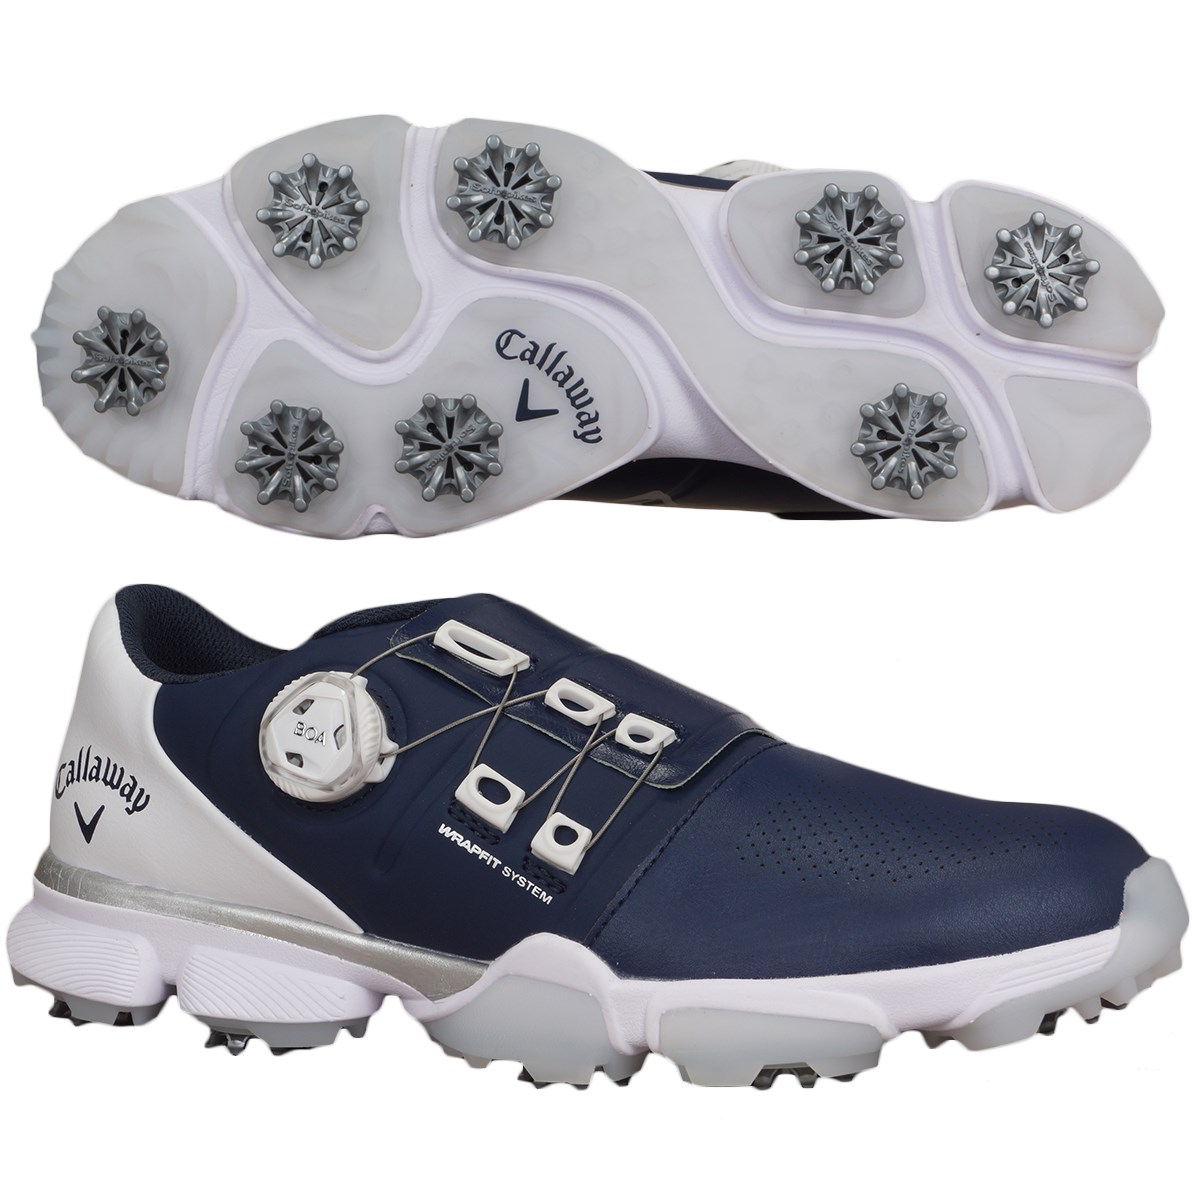 キャロウェイゴルフ Callaway Golf ゴルフシューズ 26cm ネイビー 120